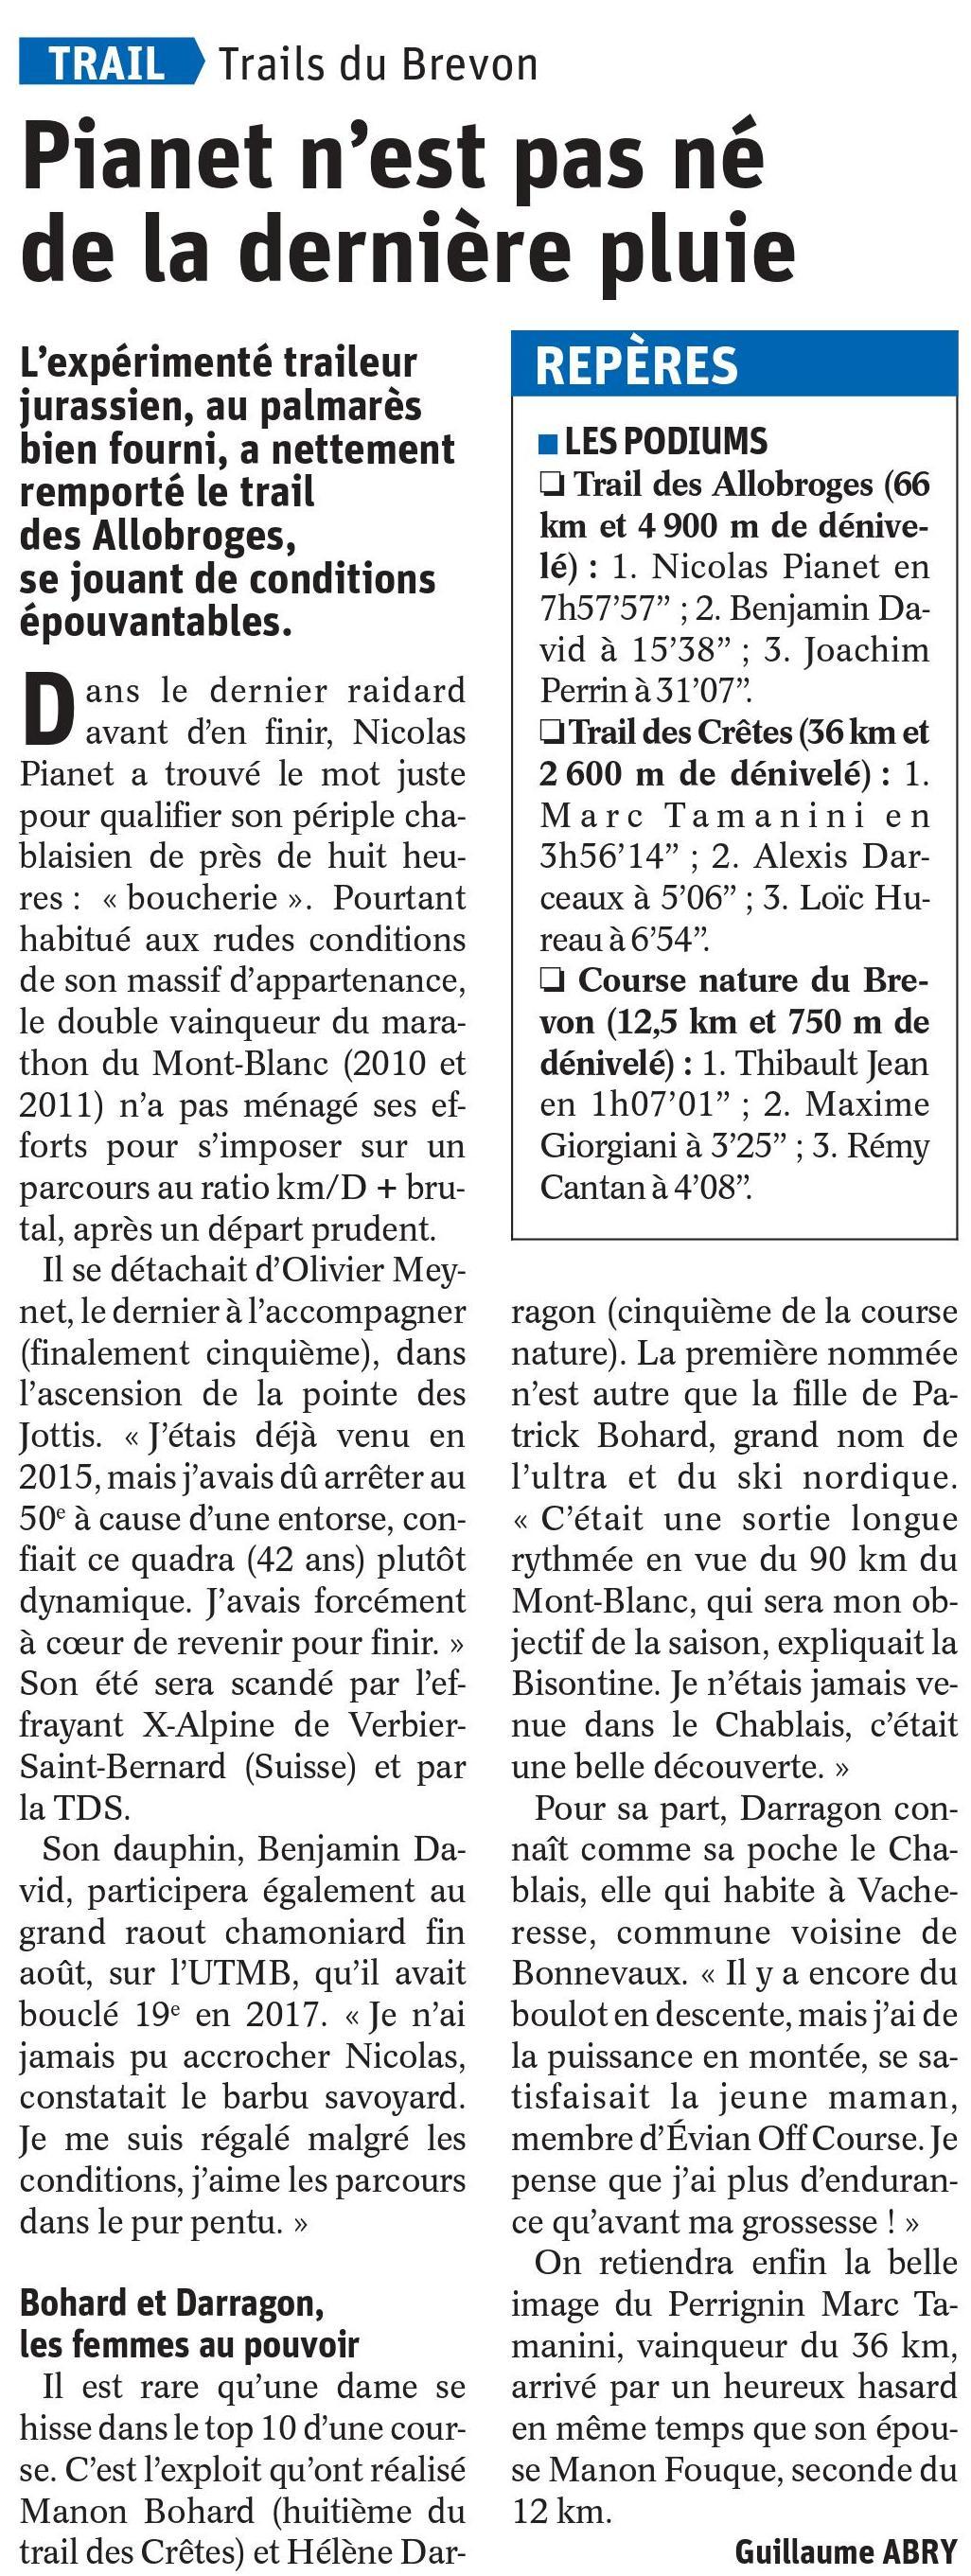 0001 - RESULTATS DES TRAILS DE LA VALLEE DU BREVON 09-06-2019 (BELLEVAUX74)